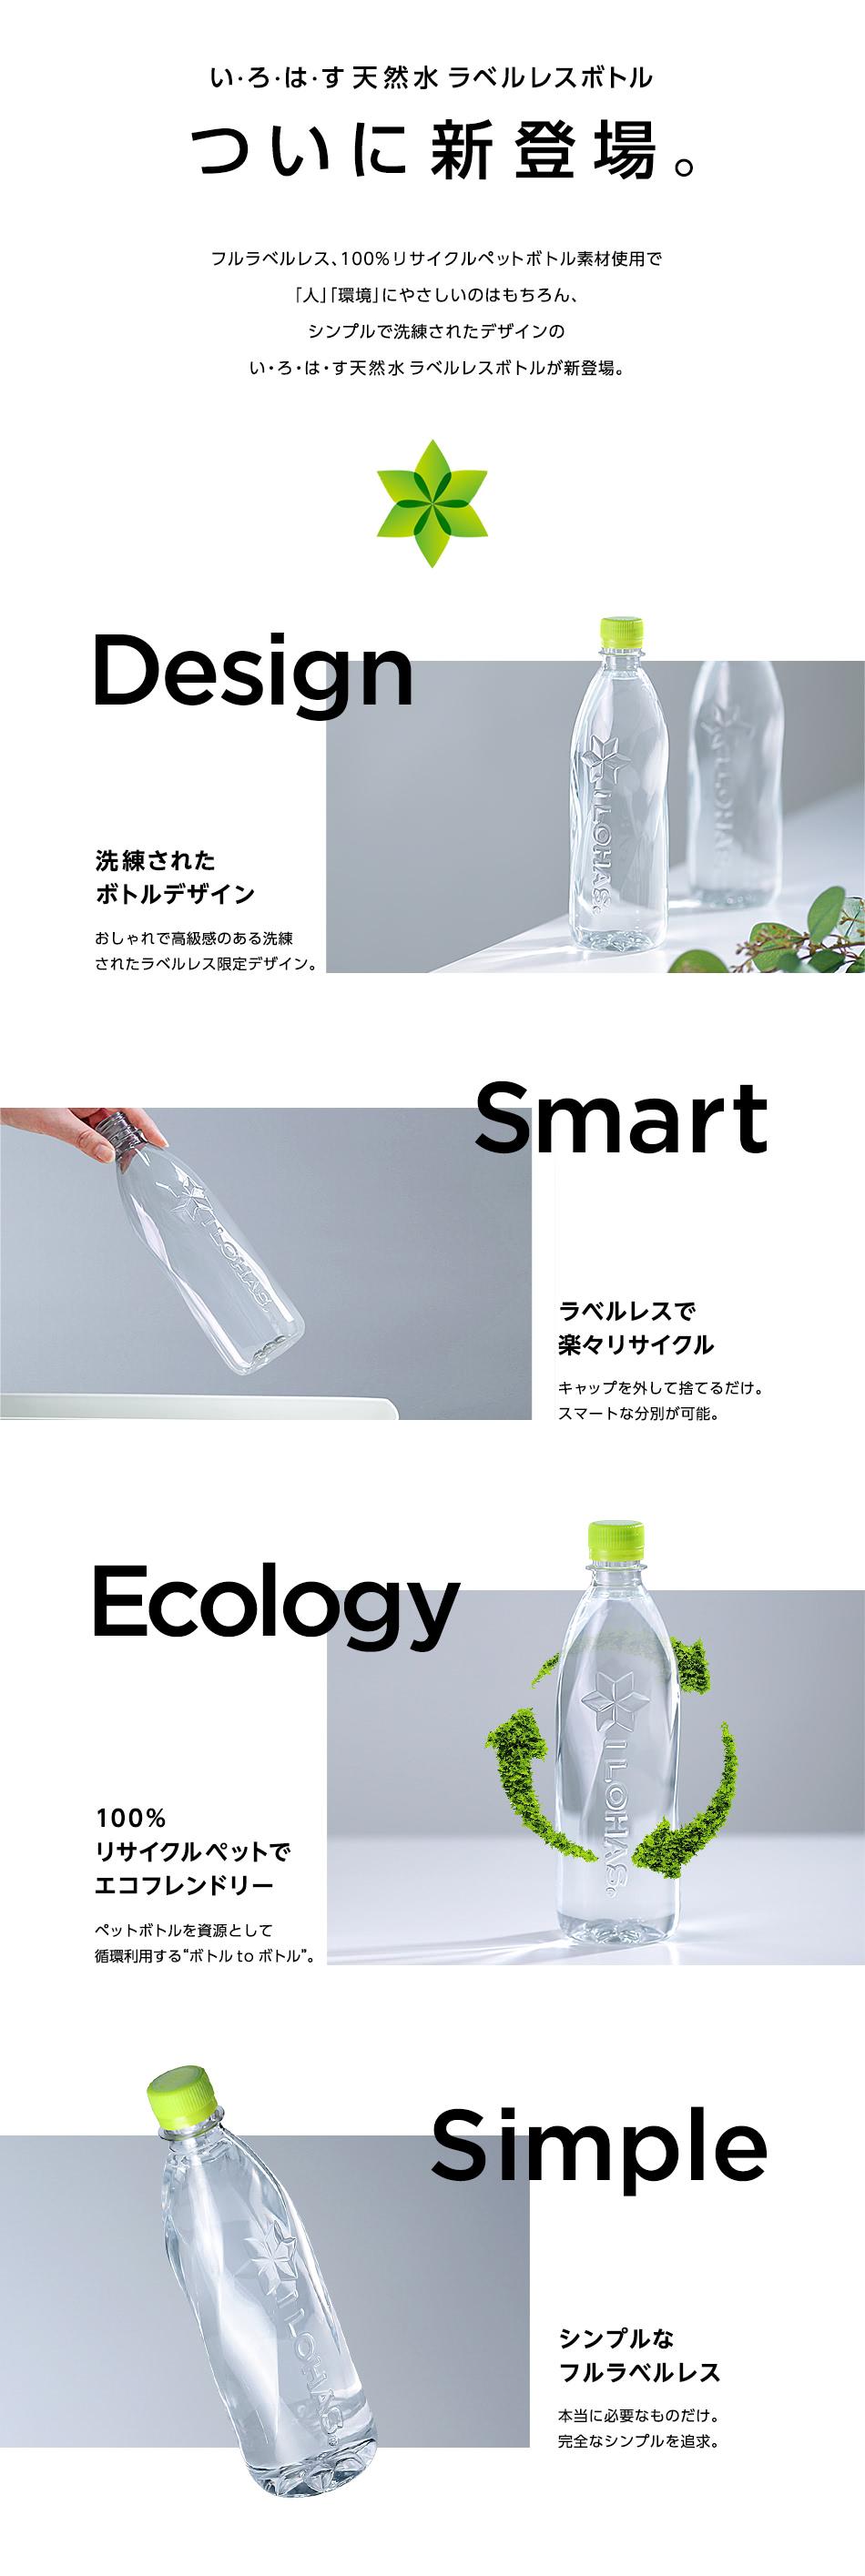 い・ろ・は・す天然水 ラベルレスボトル ついに新登場。